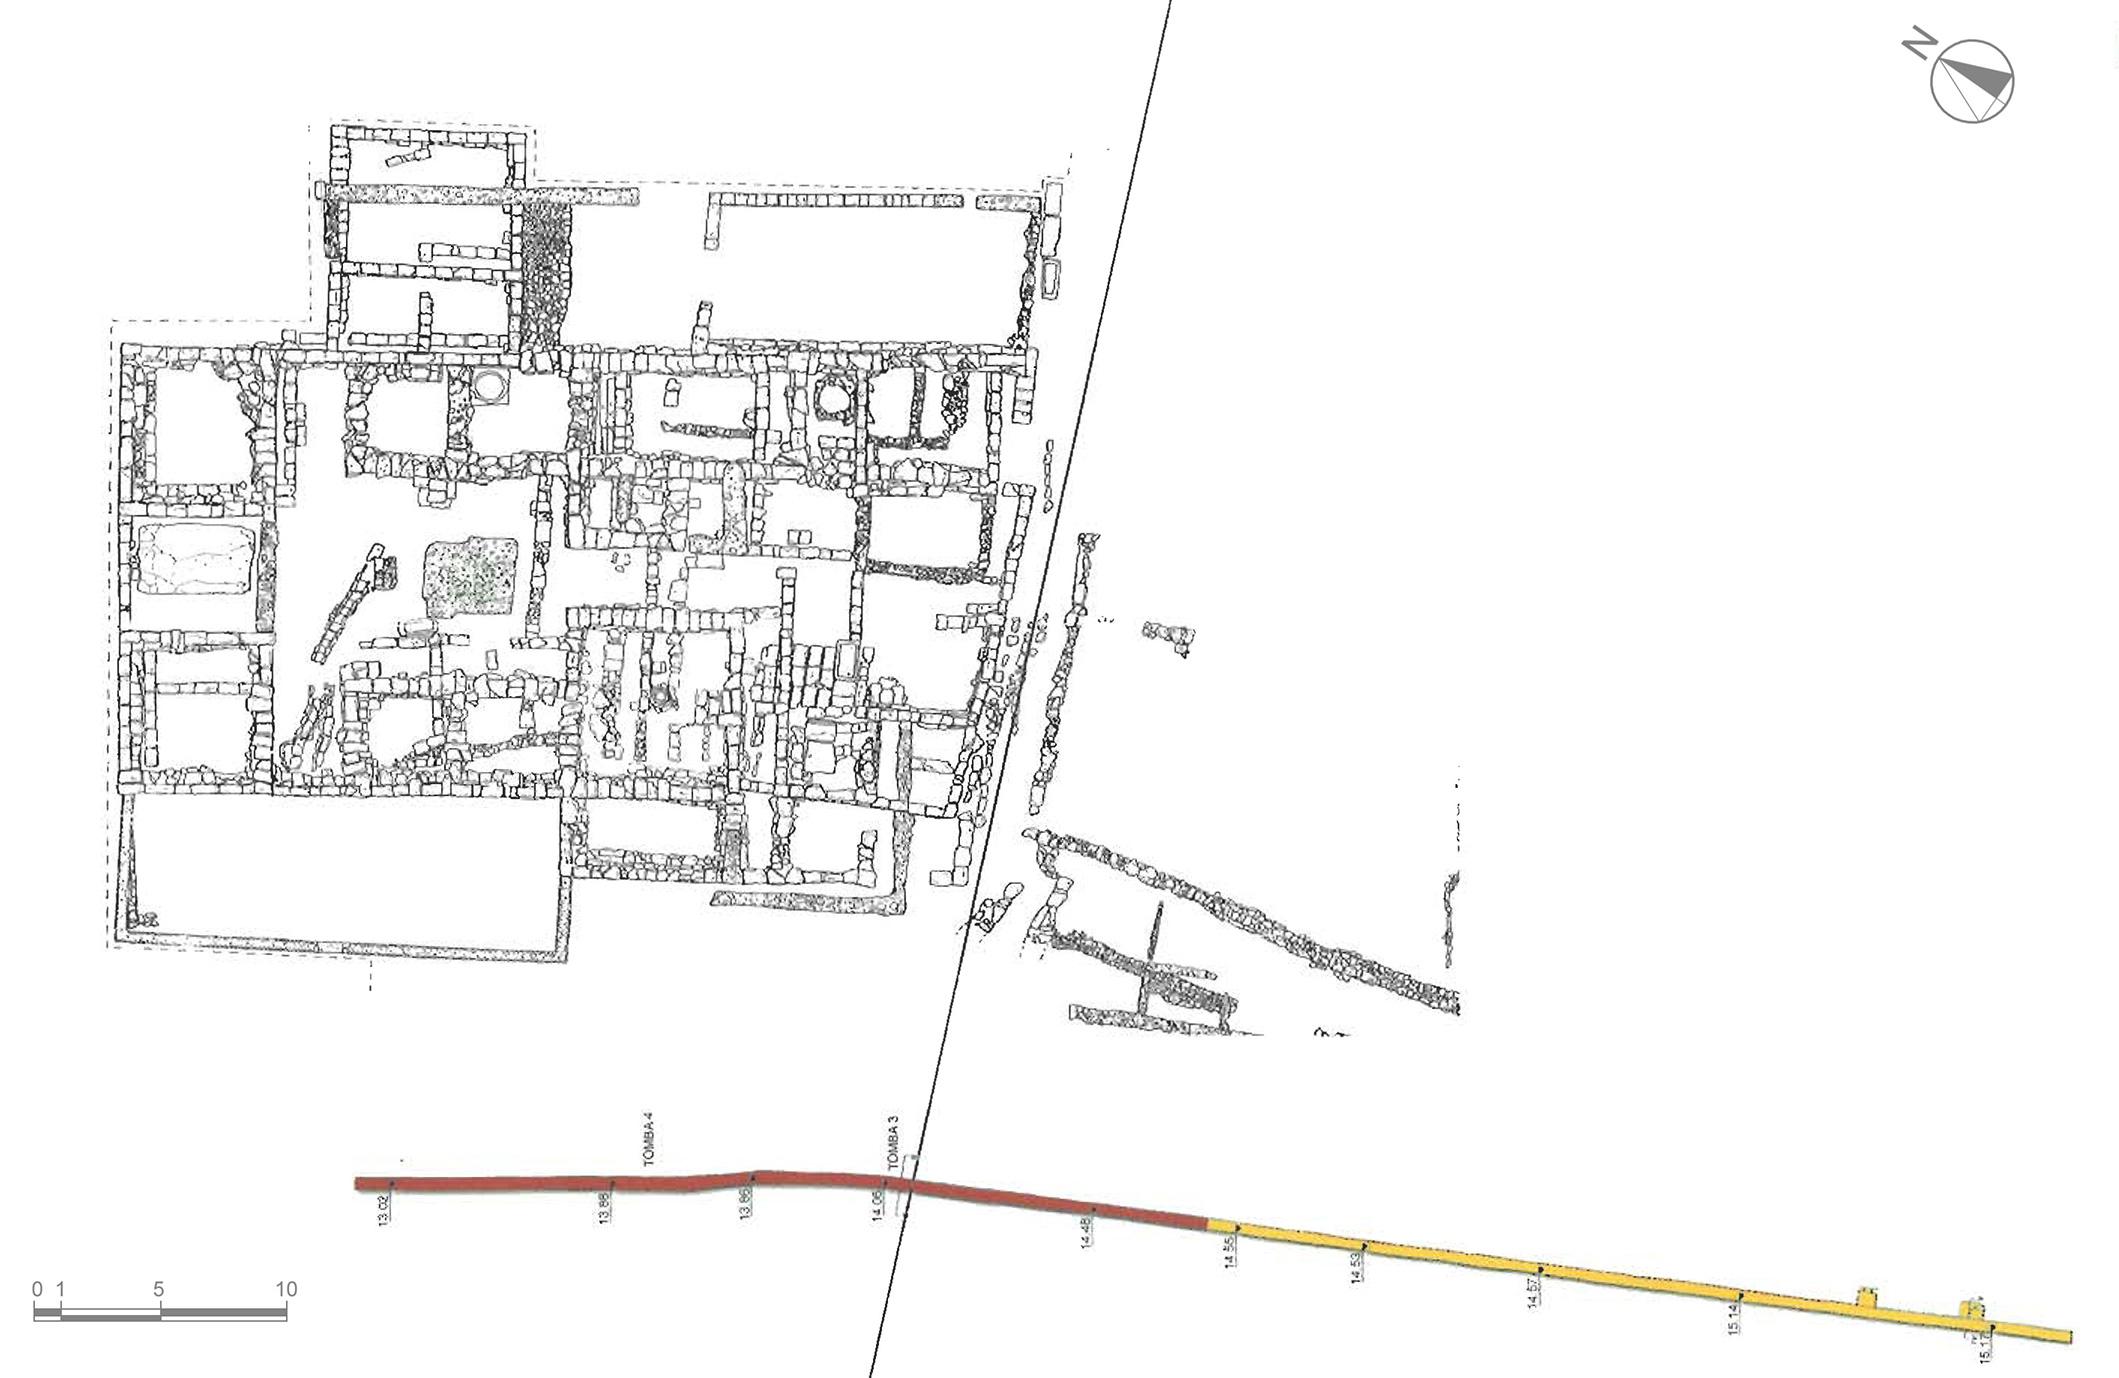 Micada-Group_Villa-Romana_Auditorium-Progettazione_02.jpg